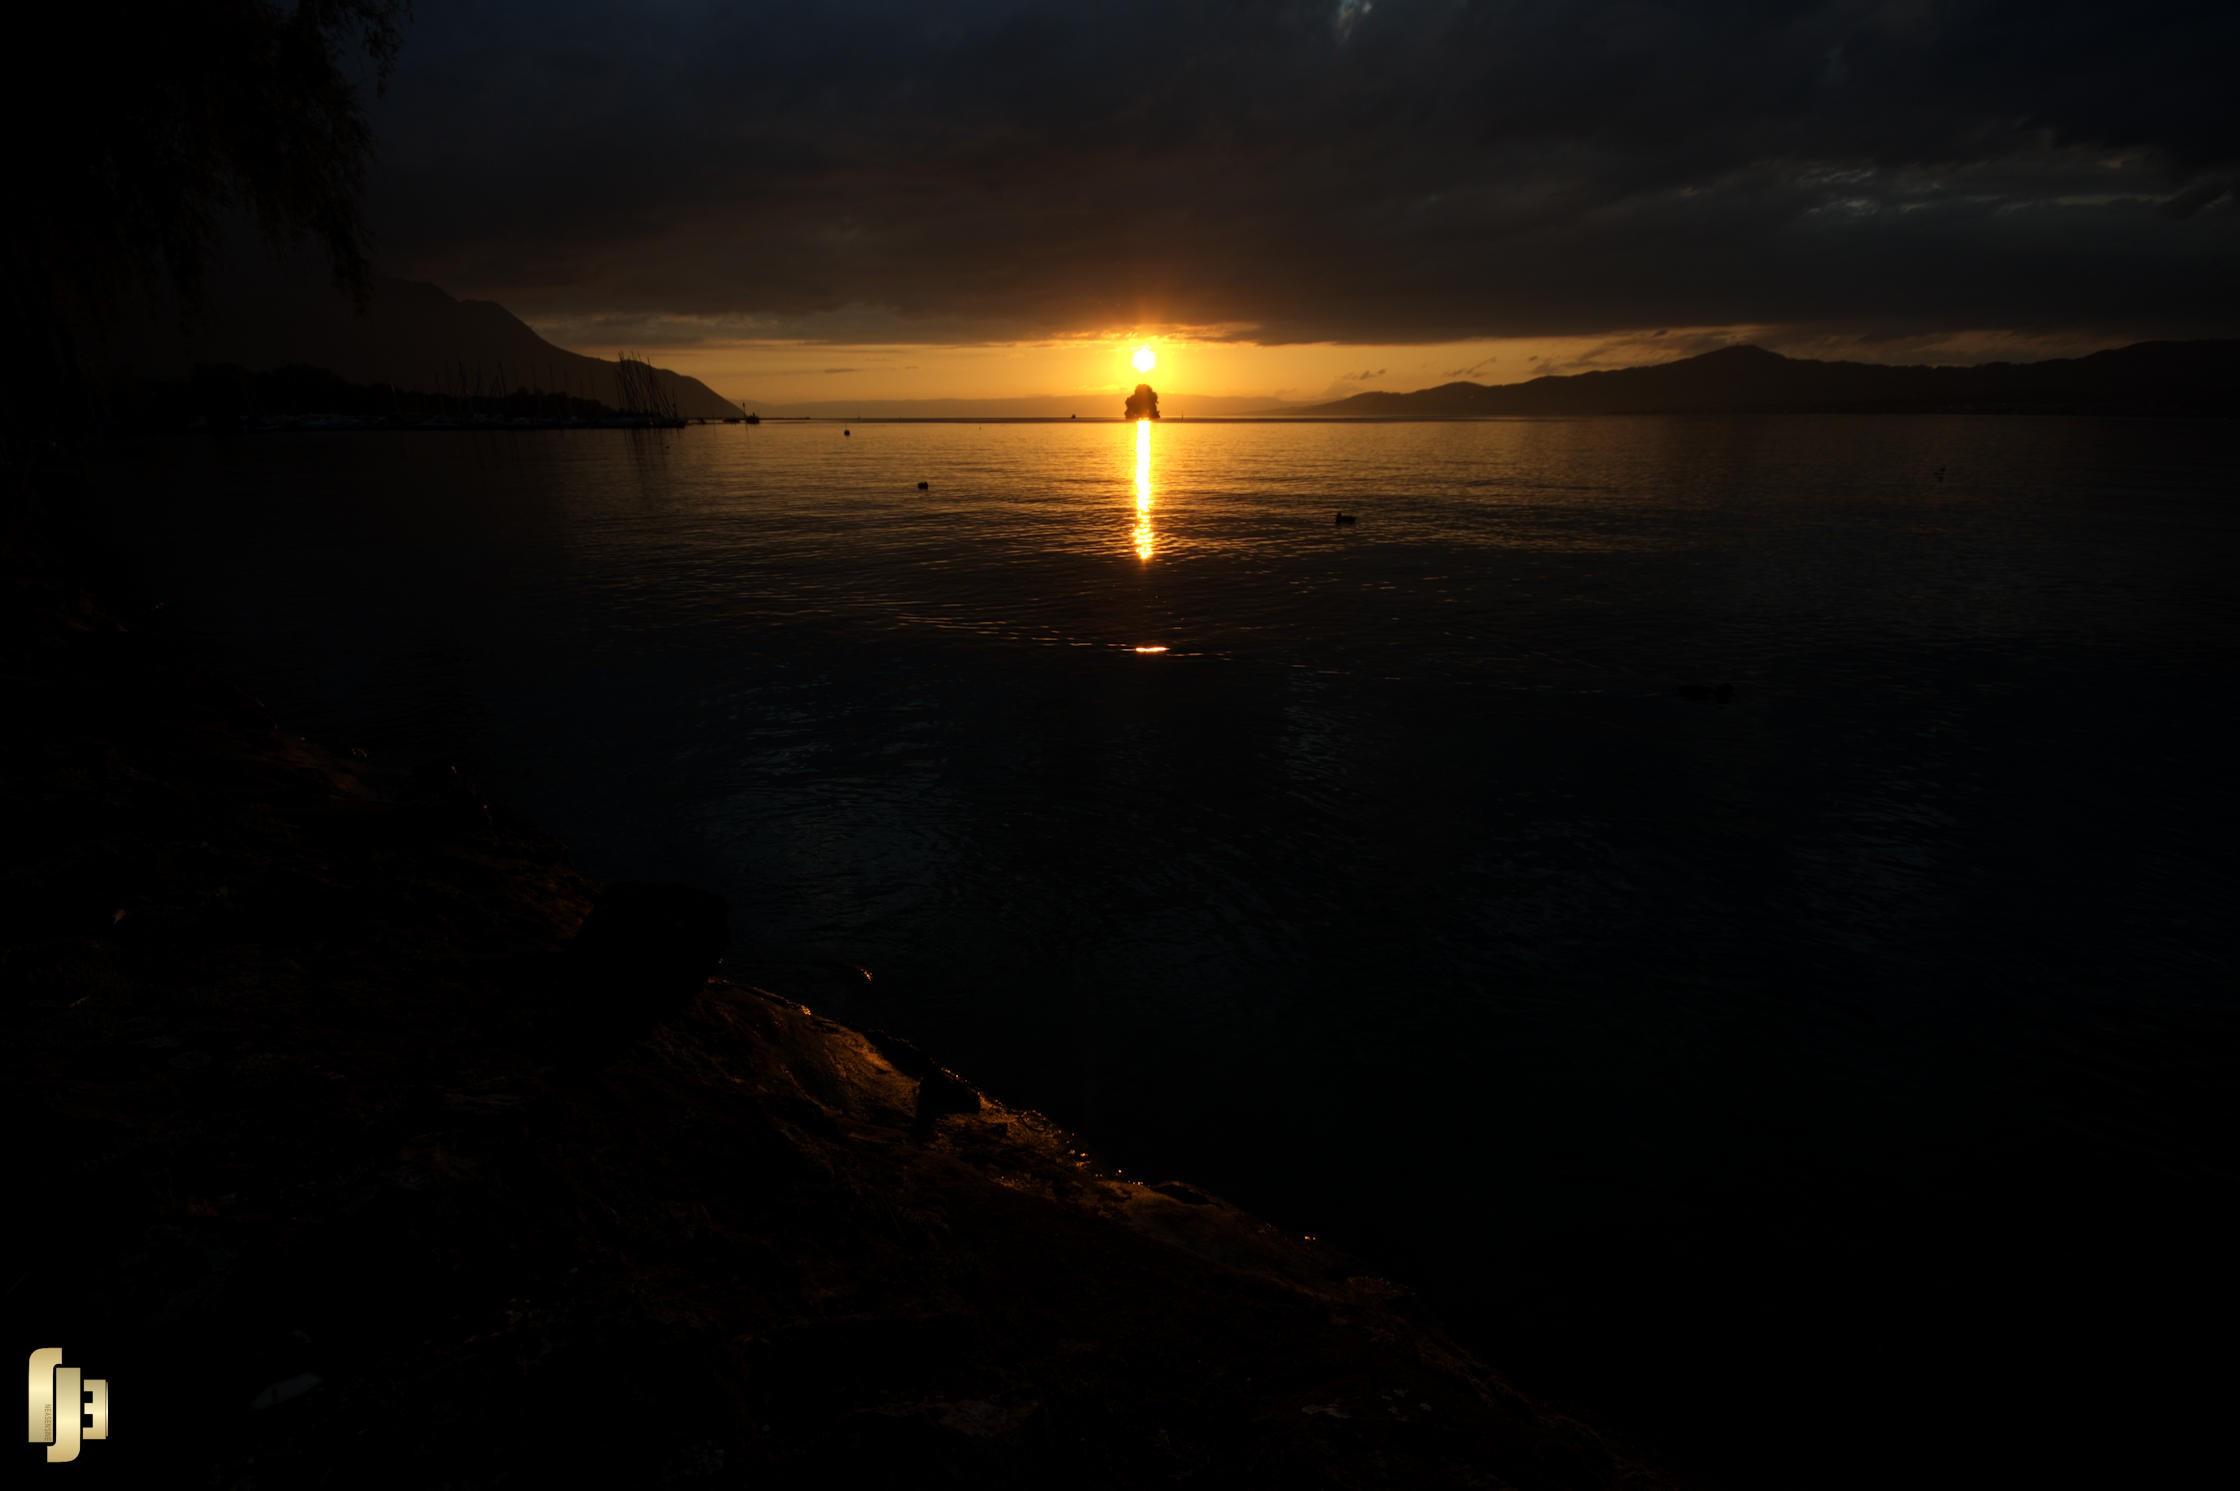 Coucher de soleil sur l'île de Peilz